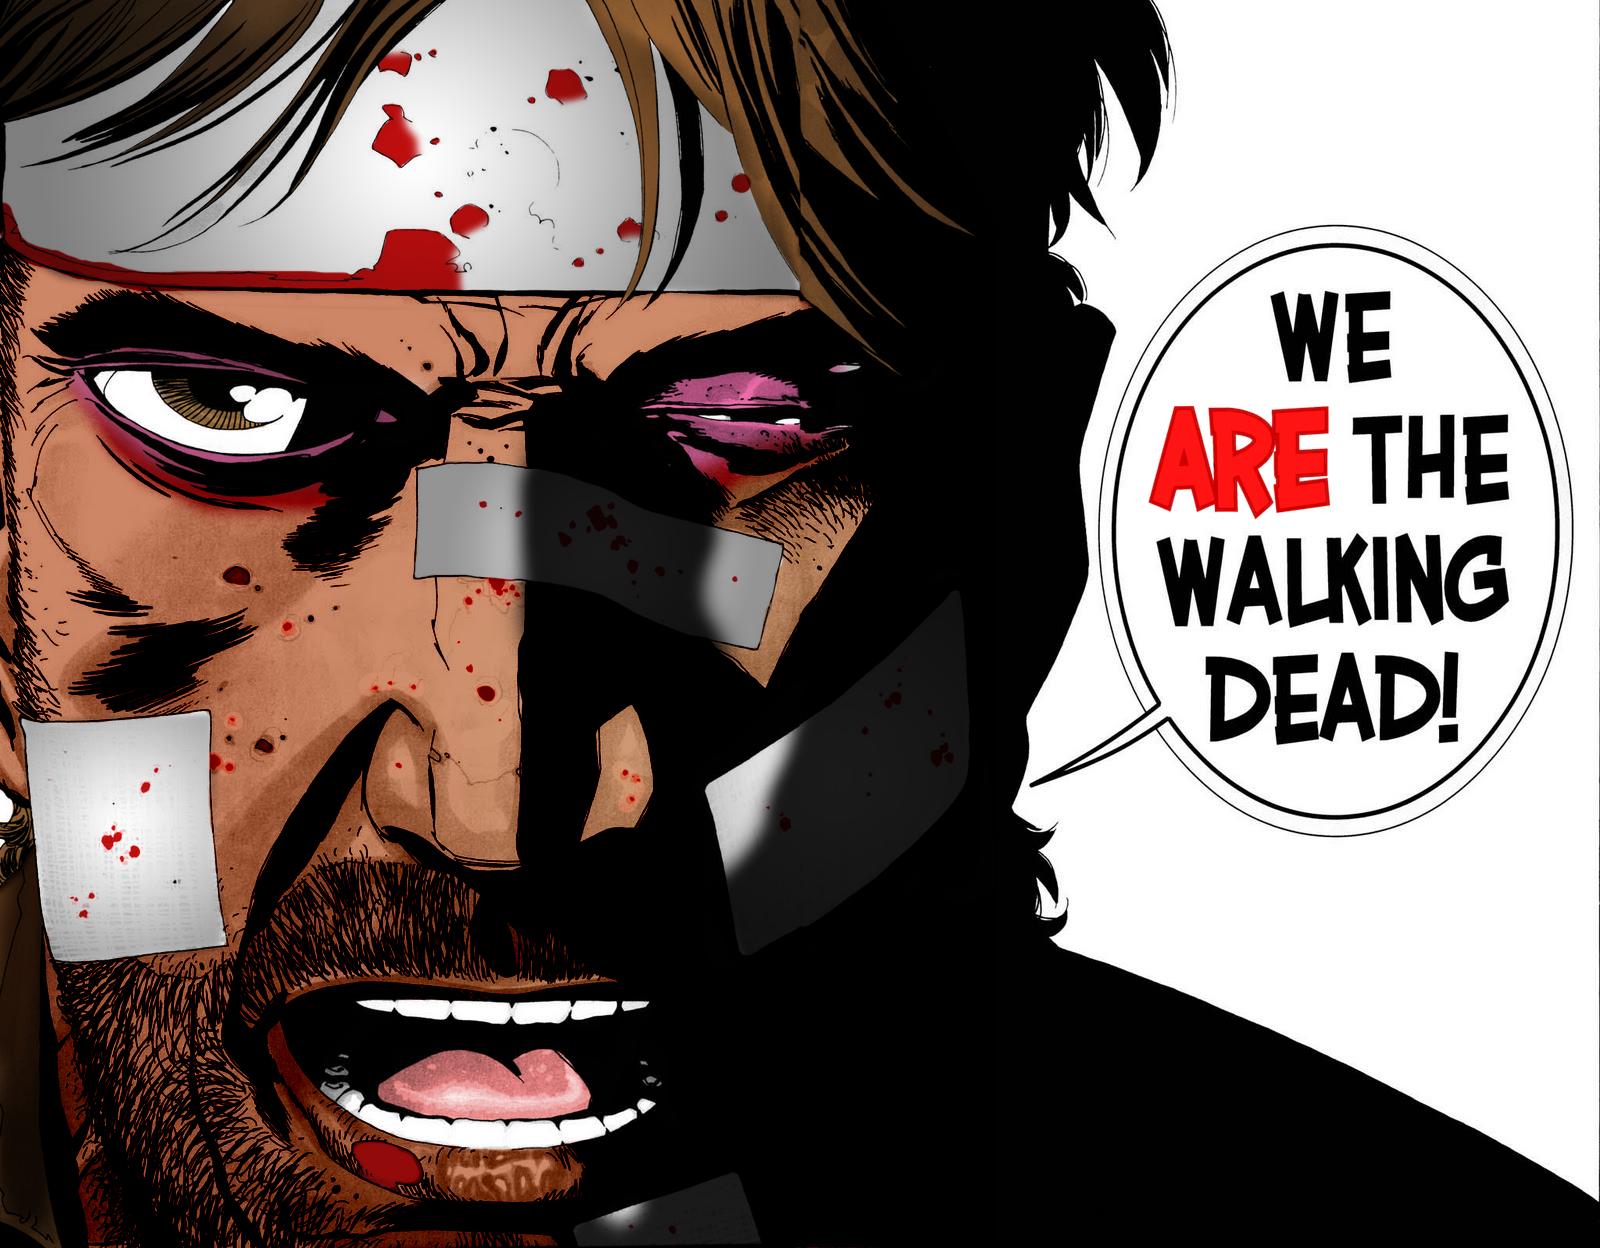 rick-grimes-nos-somos-os-mortos-vivos-the-walking-dead